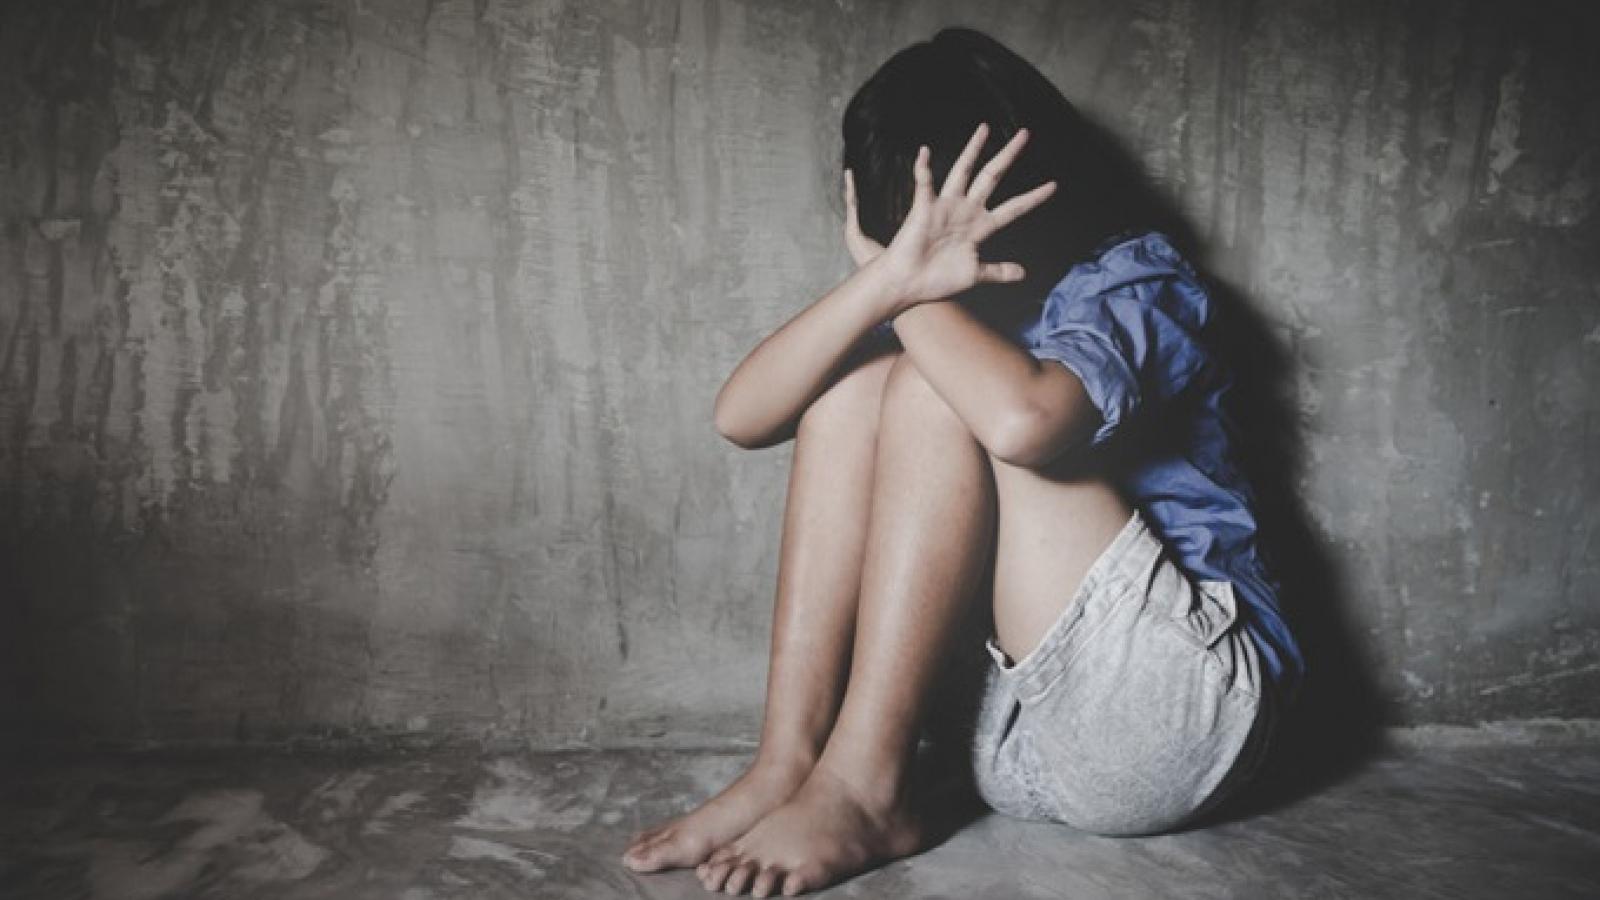 Dân Hàn Quốc biểu tình phản đối tội phạm ấu dâm được phóng thích